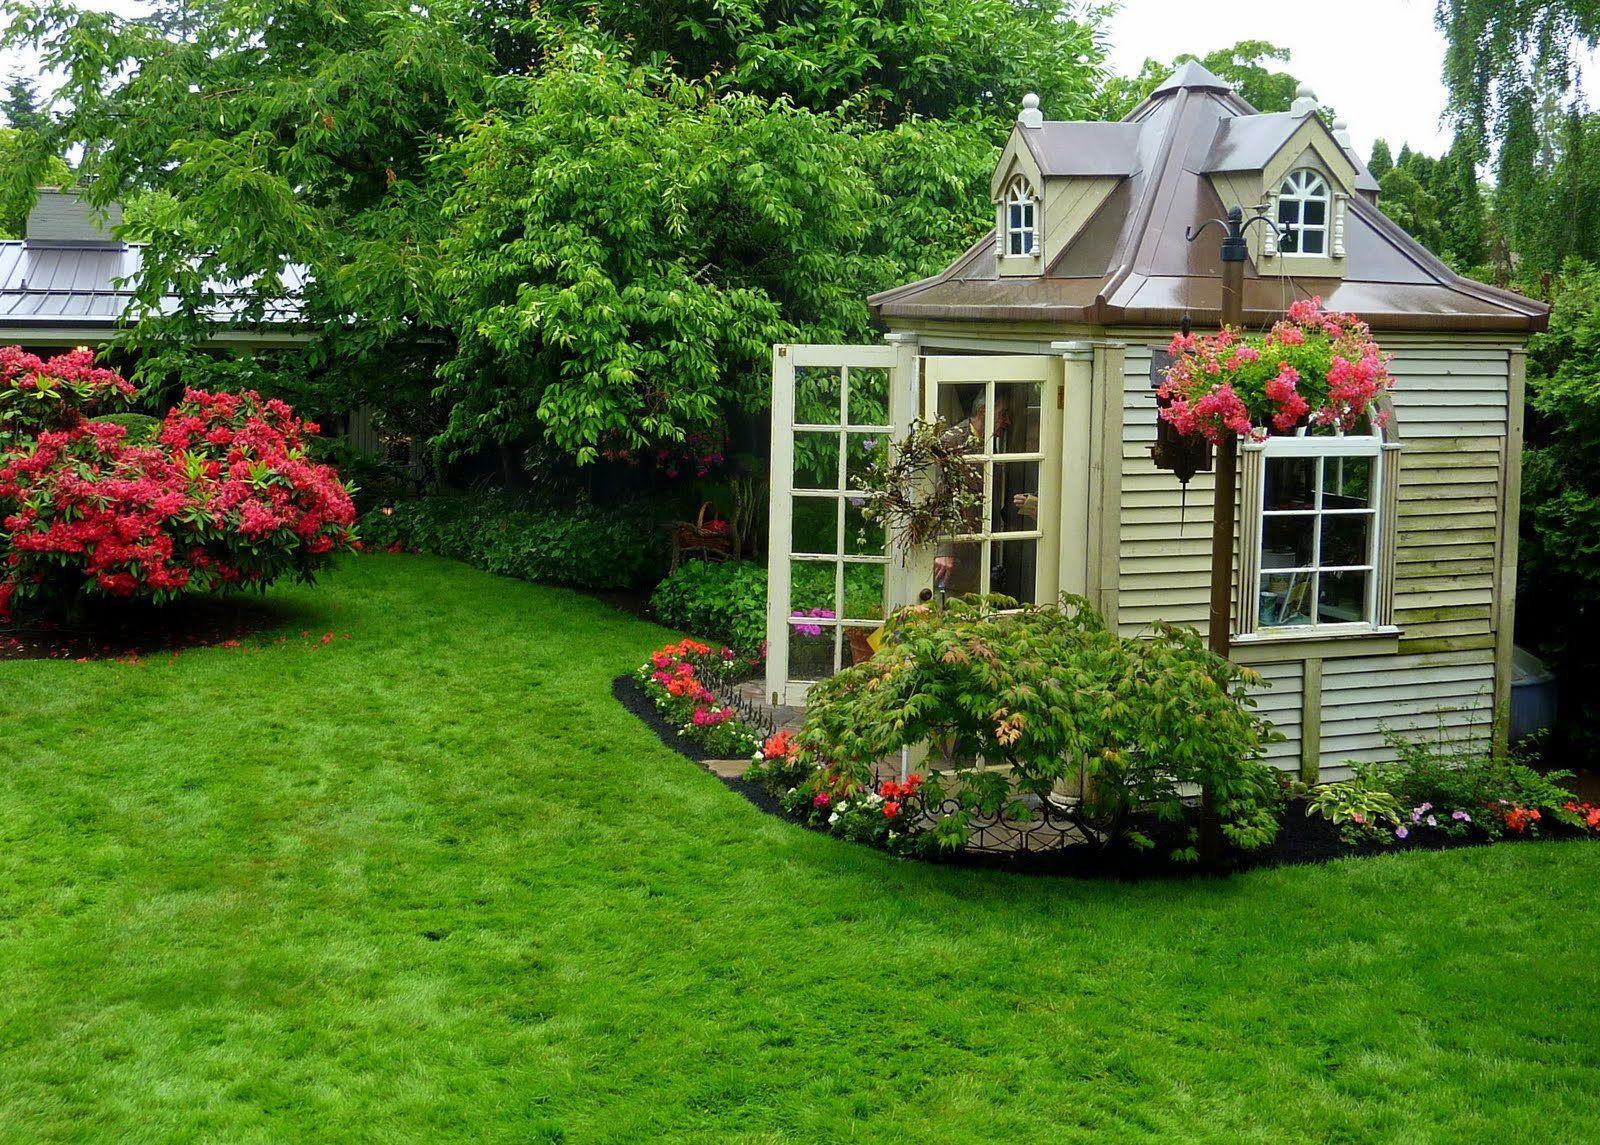 Gardens For Small Houses Bill House Plans House Garden Garden Outdoor Living Garden H Backyard Garden Design Backyard Sheds Backyard Landscaping Designs